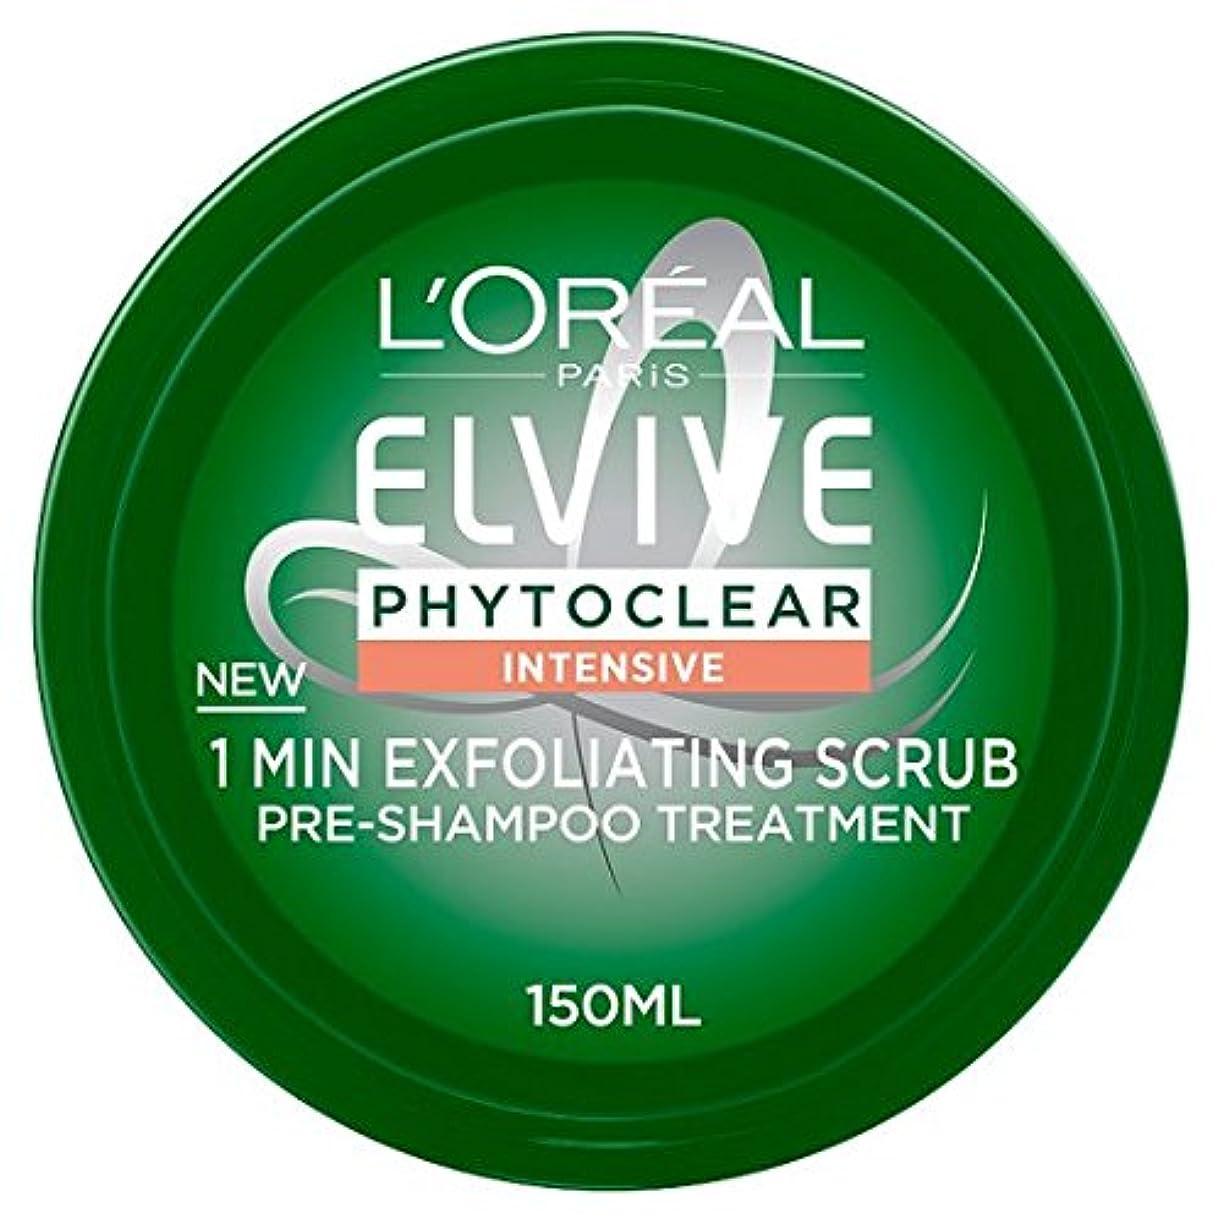 アンソロジー感性アンソロジーL 'Oreal Elvive phytoclear Shampoo Scrub 150 ml